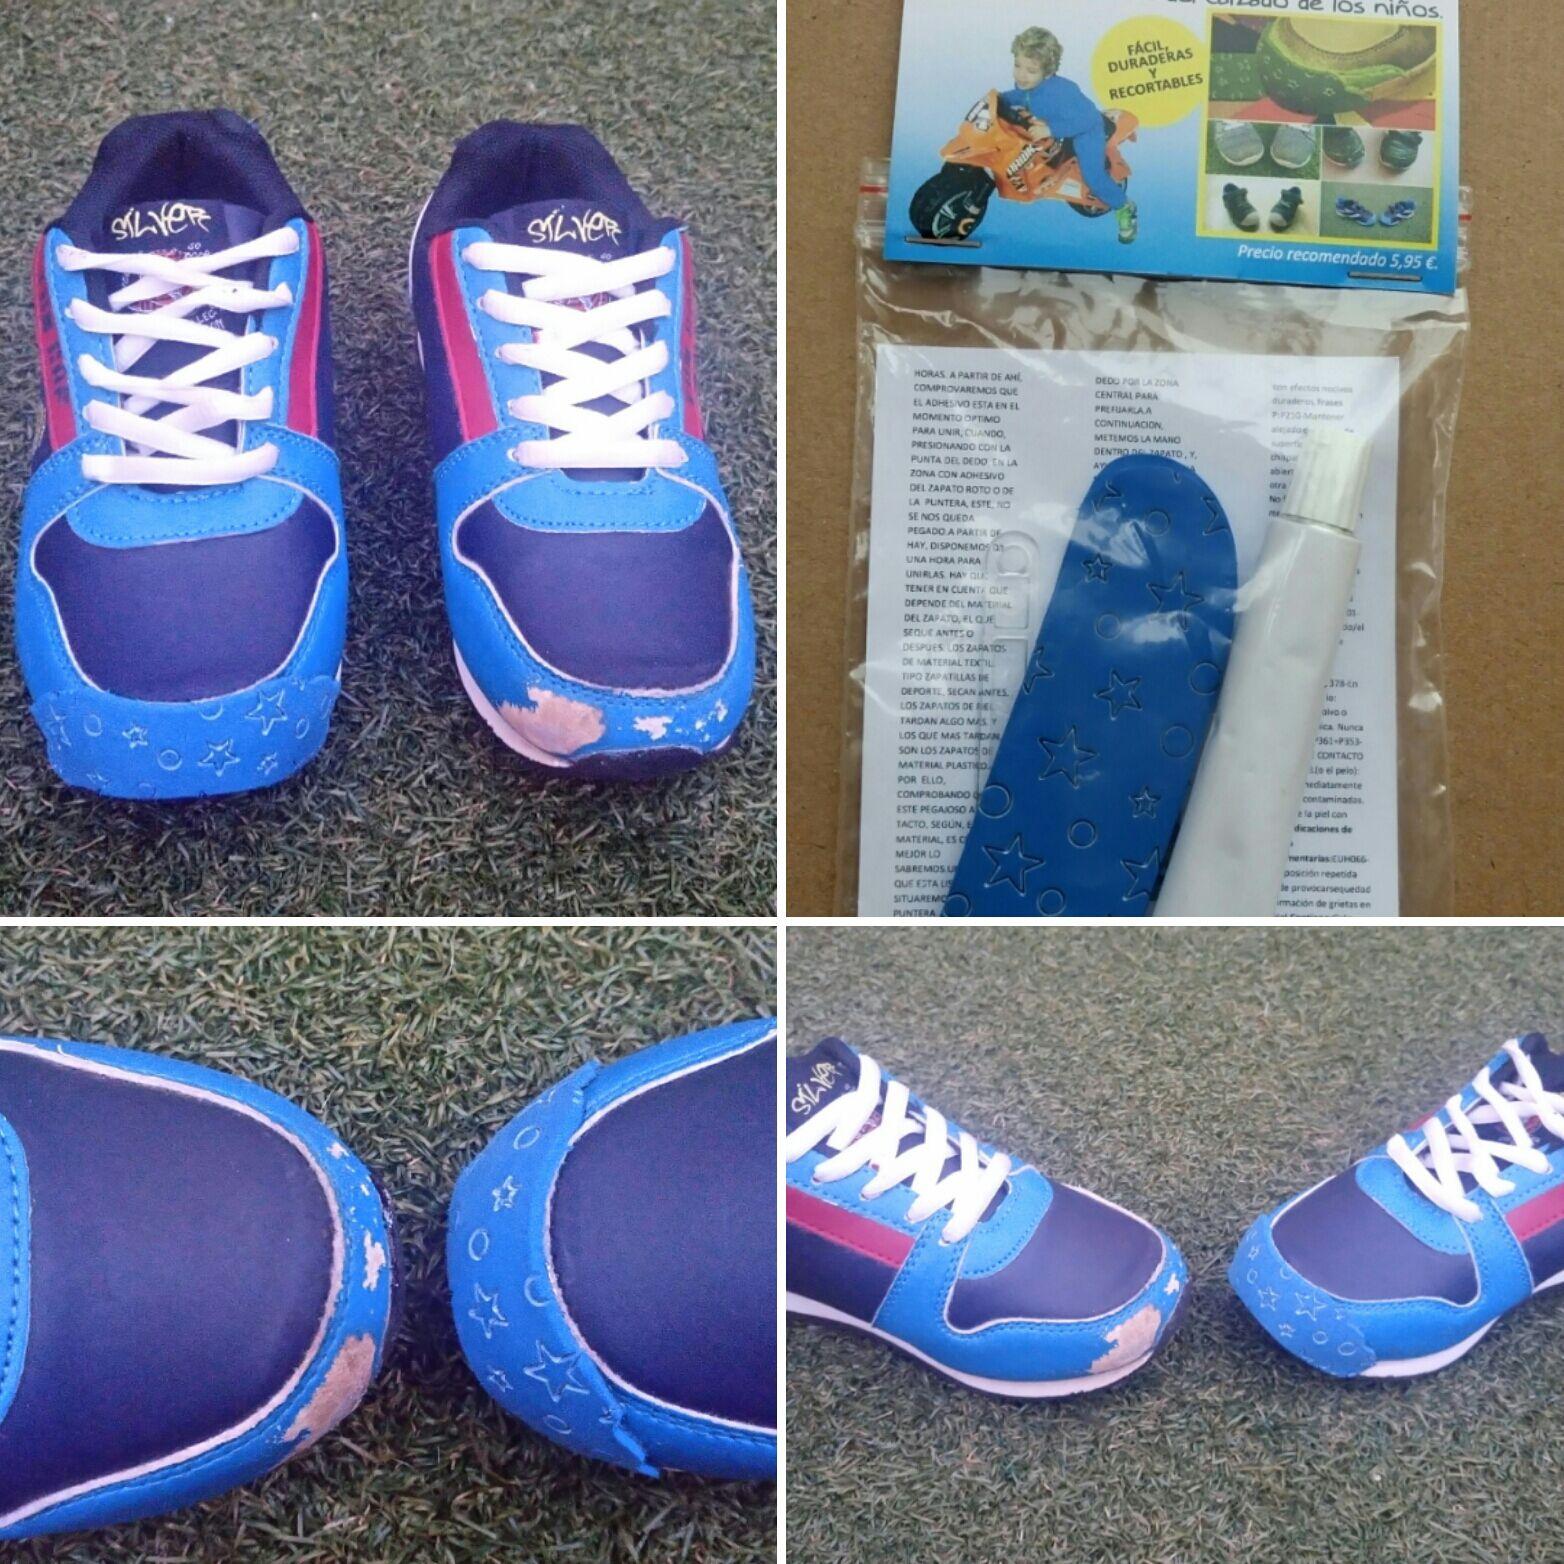 IMG 20170202 WA0015 - Punteras FootBrake. Cómo arreglar las zapatillas de tus hijos.